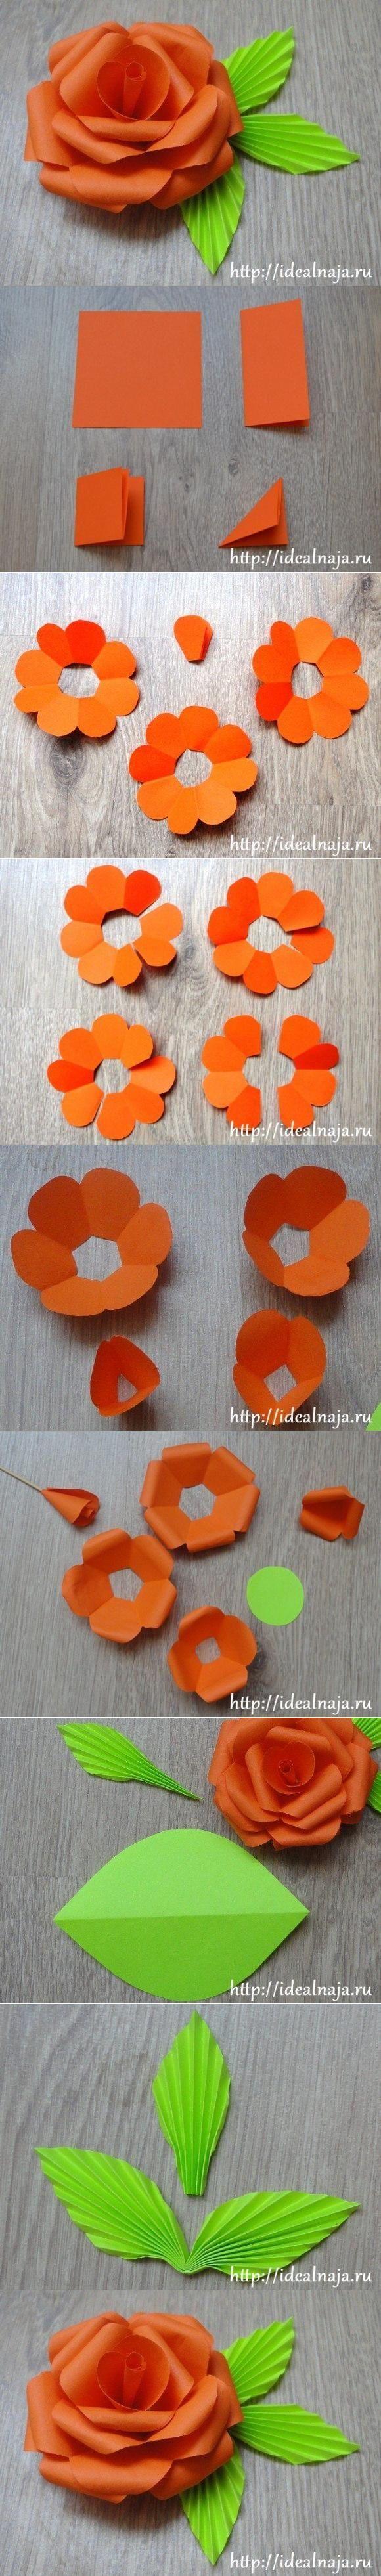 diy easy paper rose flower power pinterest